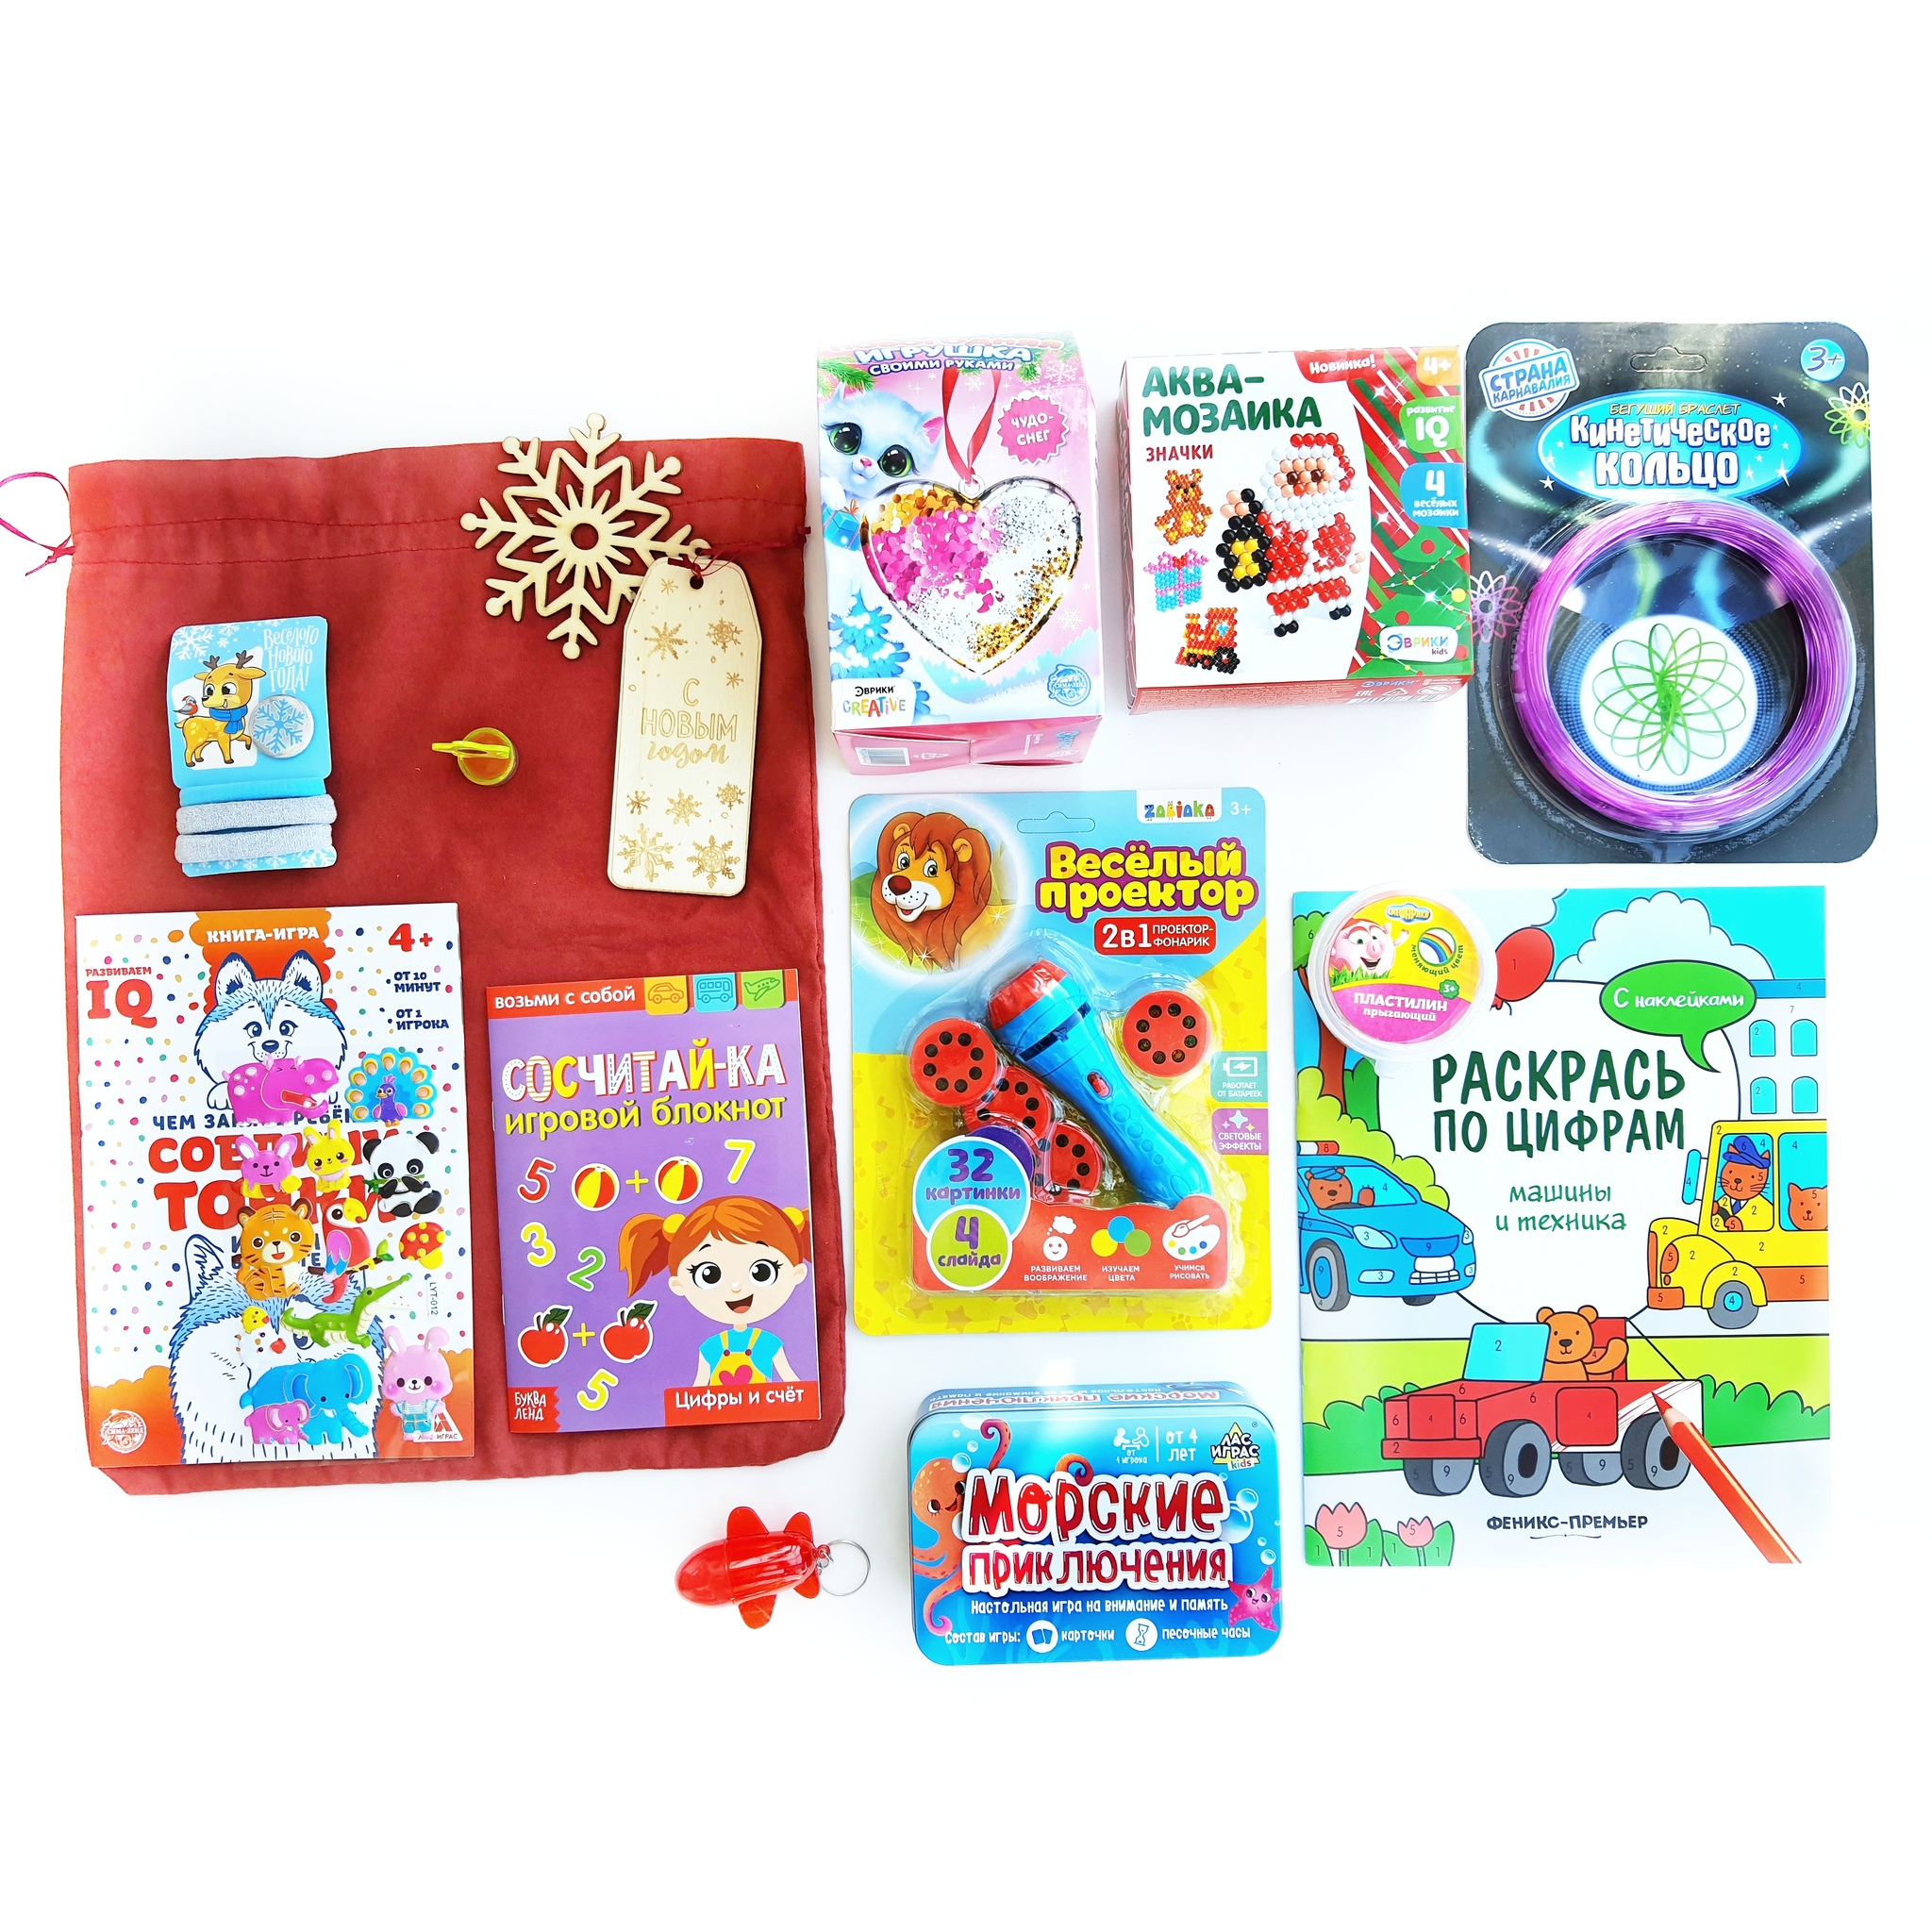 Детский новогодний набор подарков (4-7 лет)